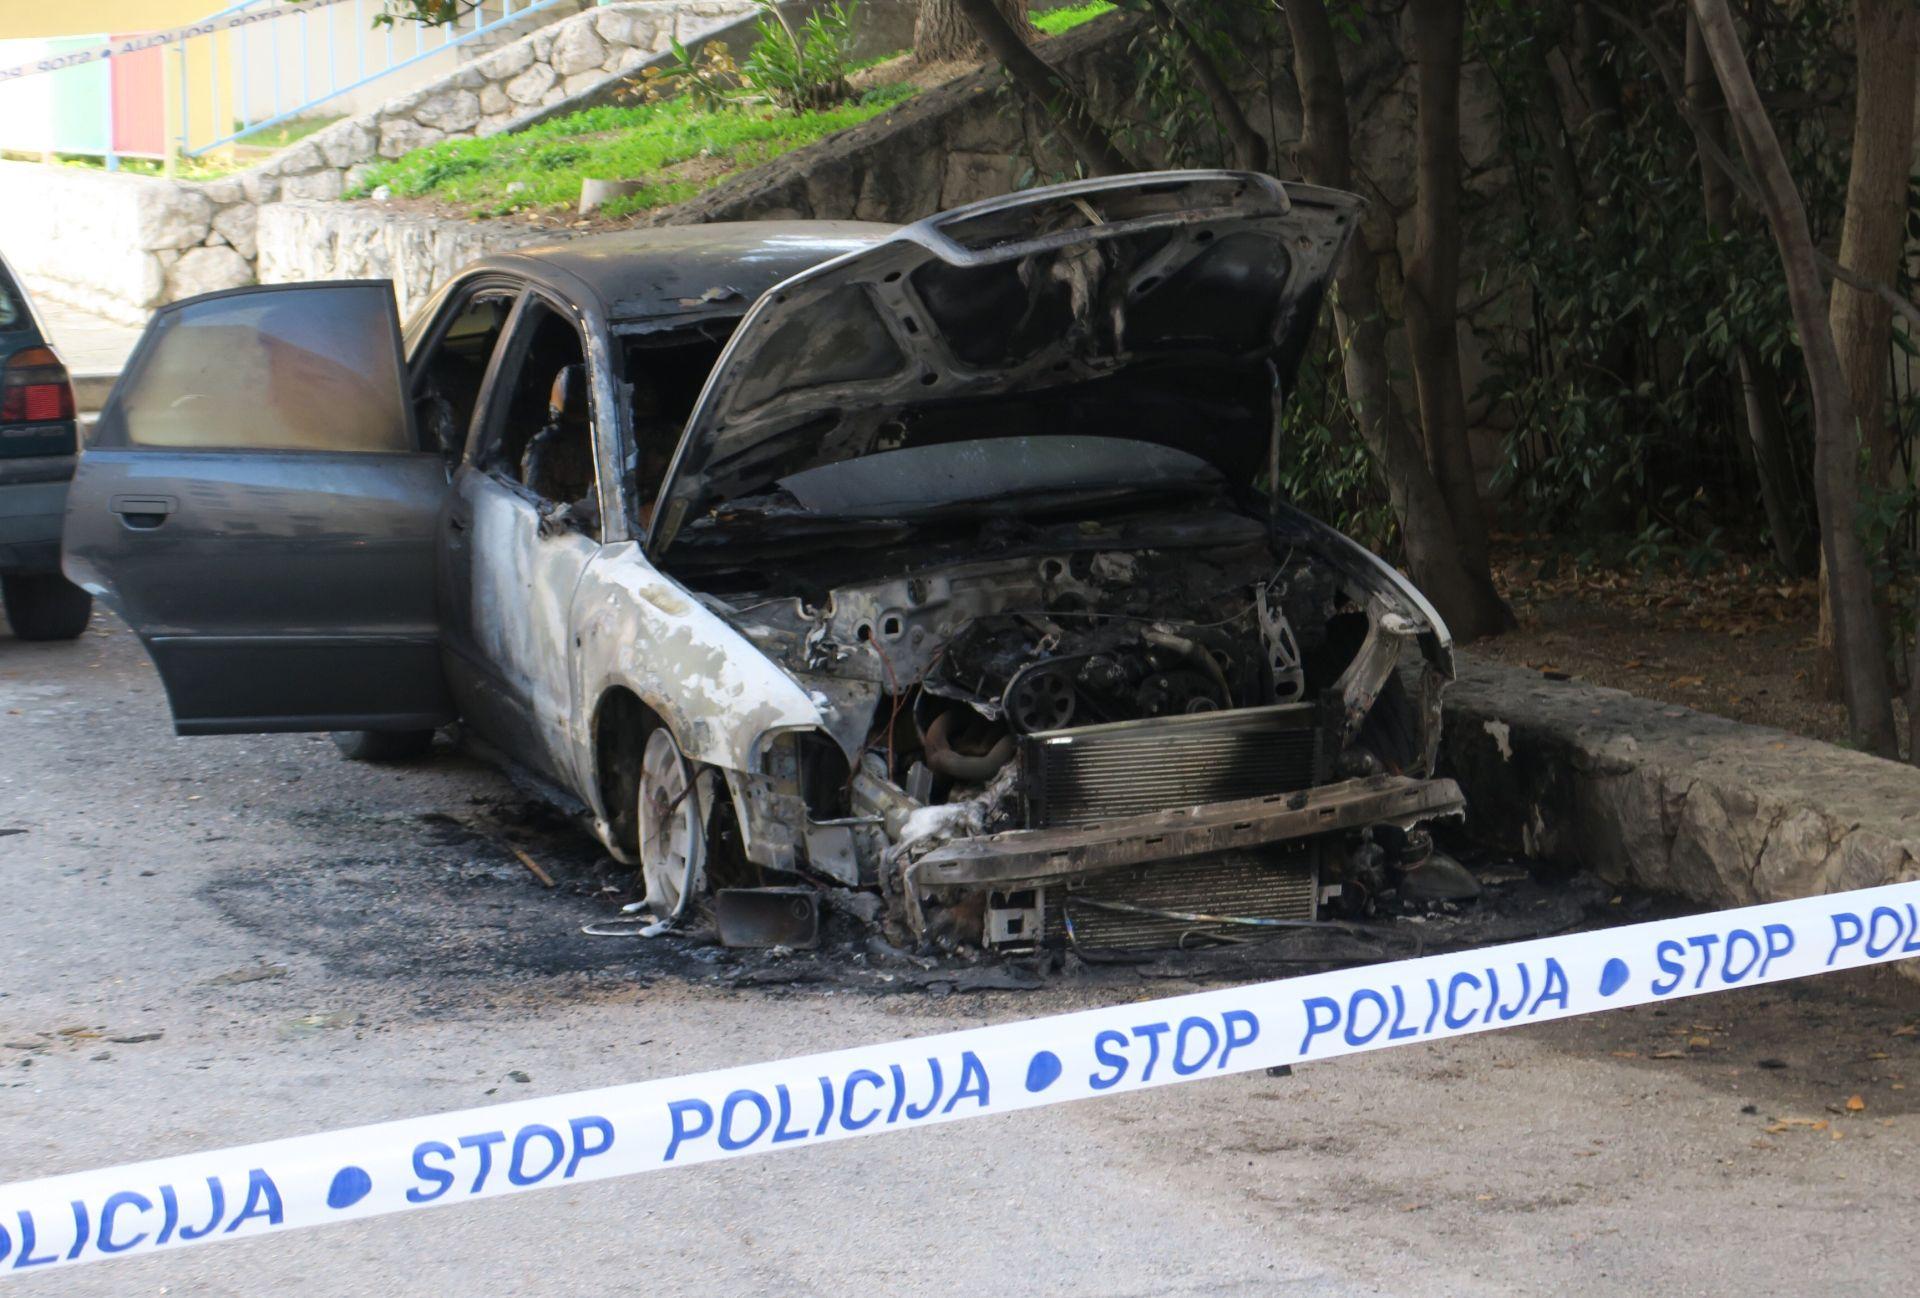 Policija sumnja da u Splitu pale automobile po narudžbi